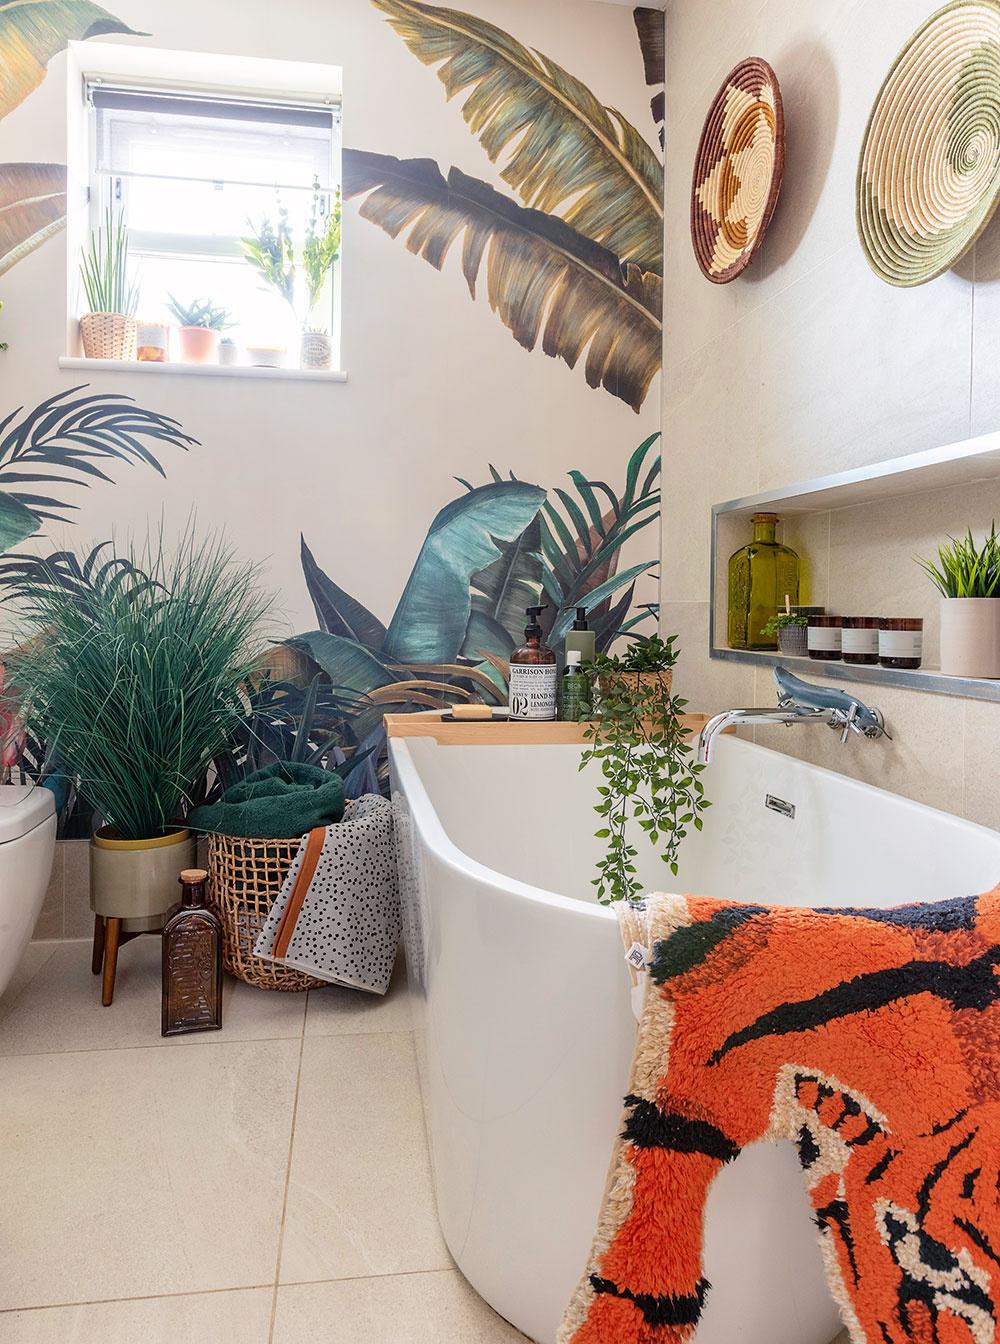 Pohľad na rodinnú kúpeľňu dokazuje, že aj vtejto funkčnej miestnosti môžu rovnako dobre ako vakomkoľvek inom priestore fungovať vrstvy, farby, textúry avzory.